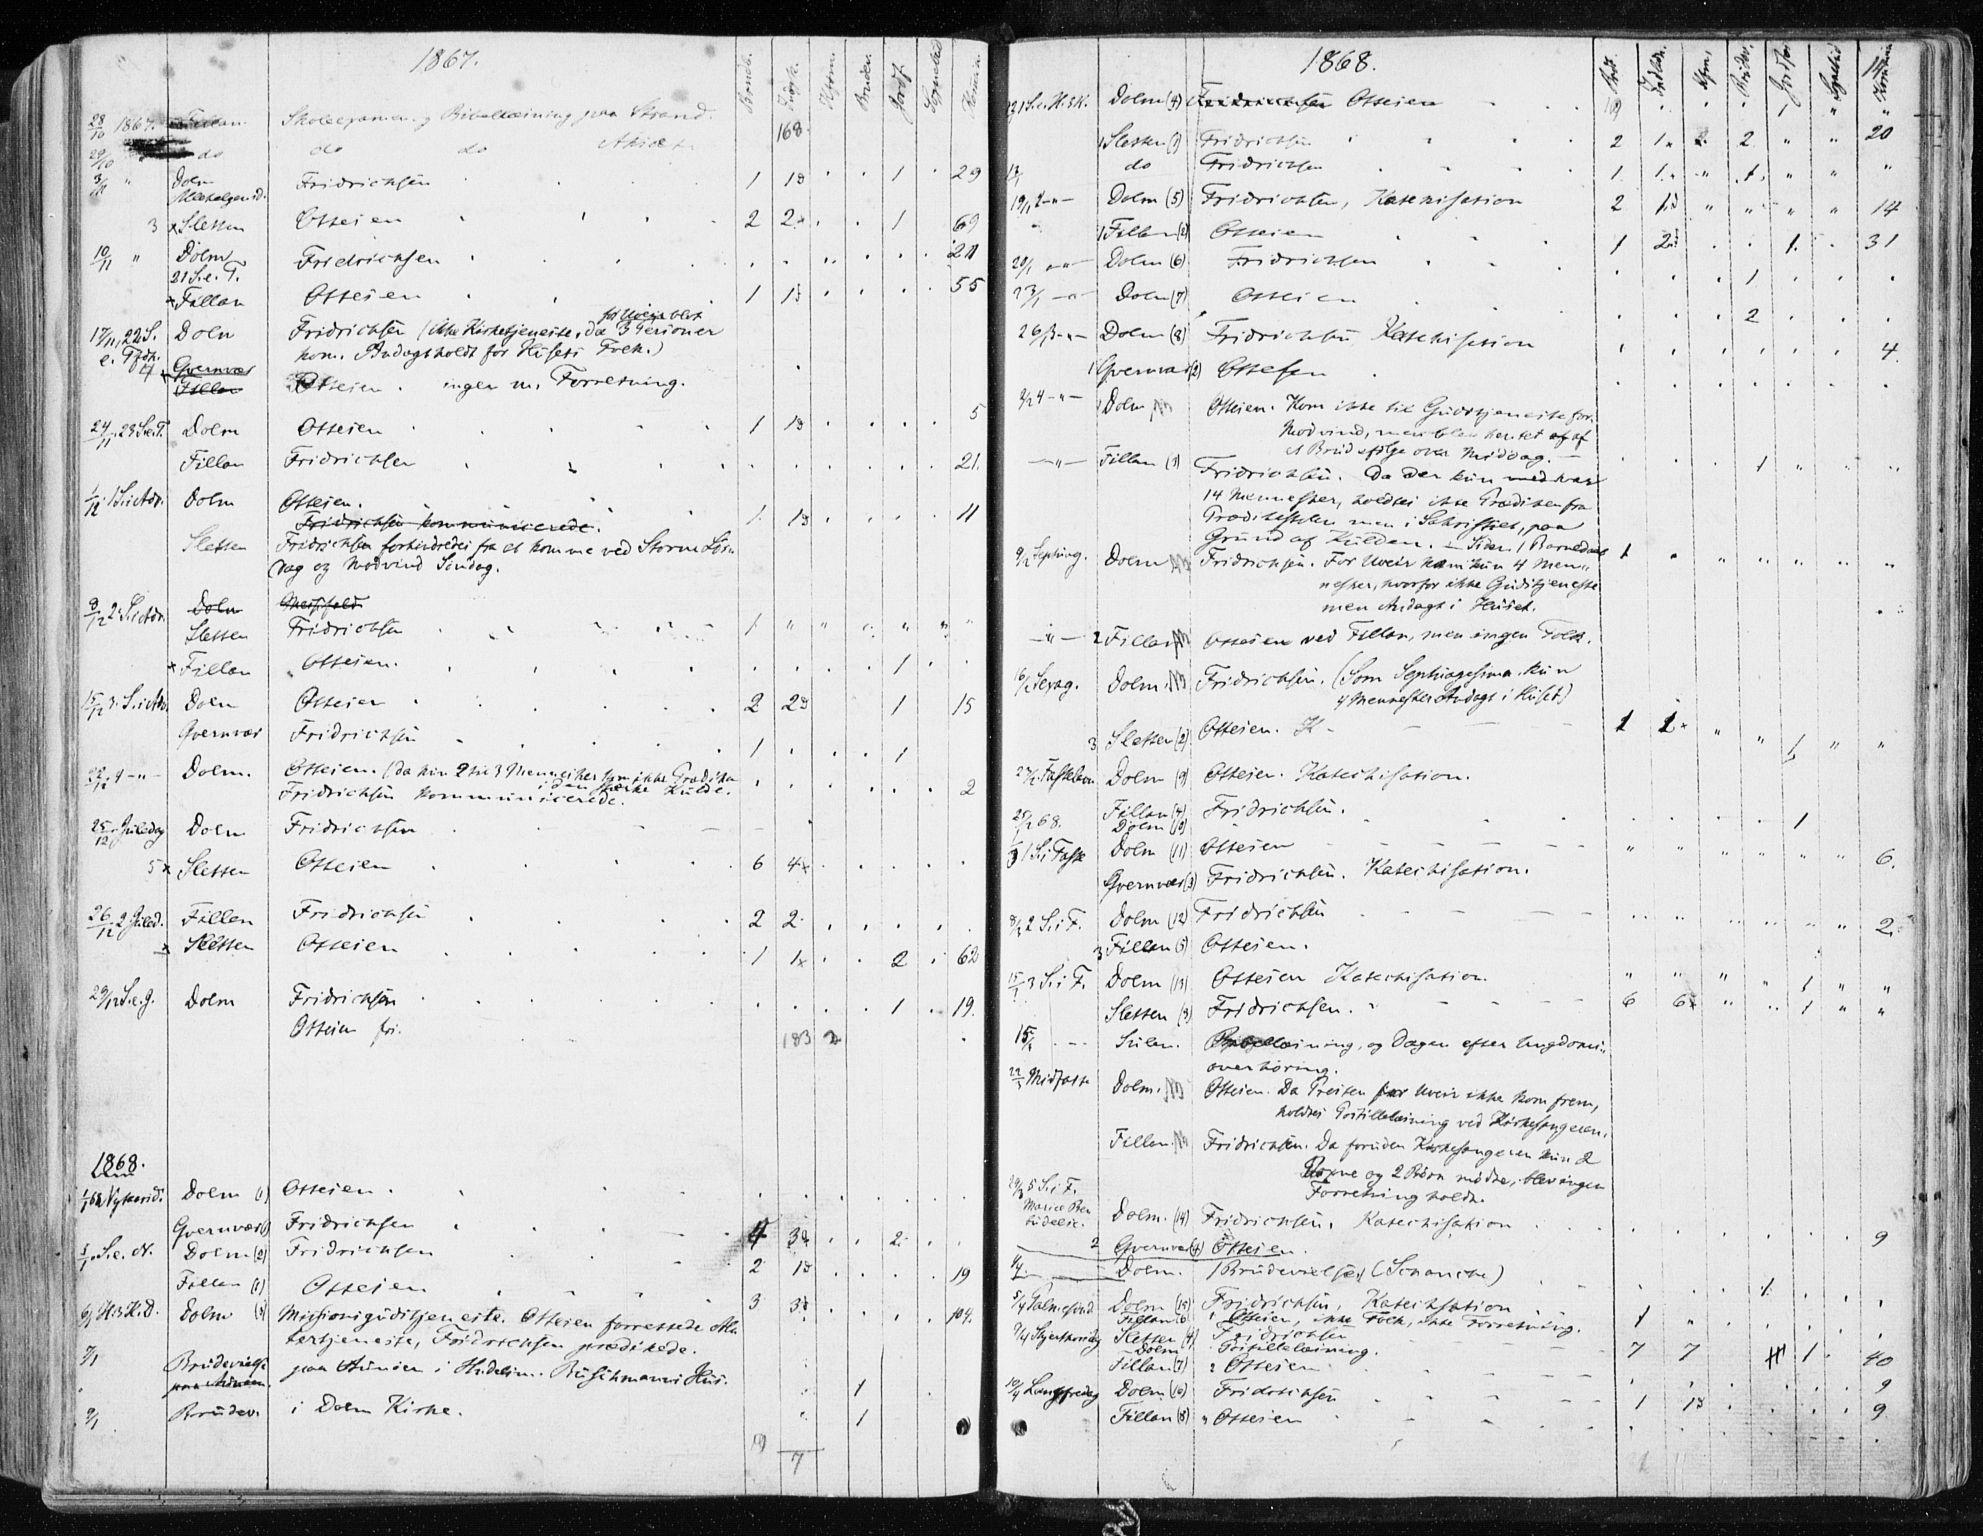 SAT, Ministerialprotokoller, klokkerbøker og fødselsregistre - Sør-Trøndelag, 634/L0531: Ministerialbok nr. 634A07, 1861-1870, s. 14